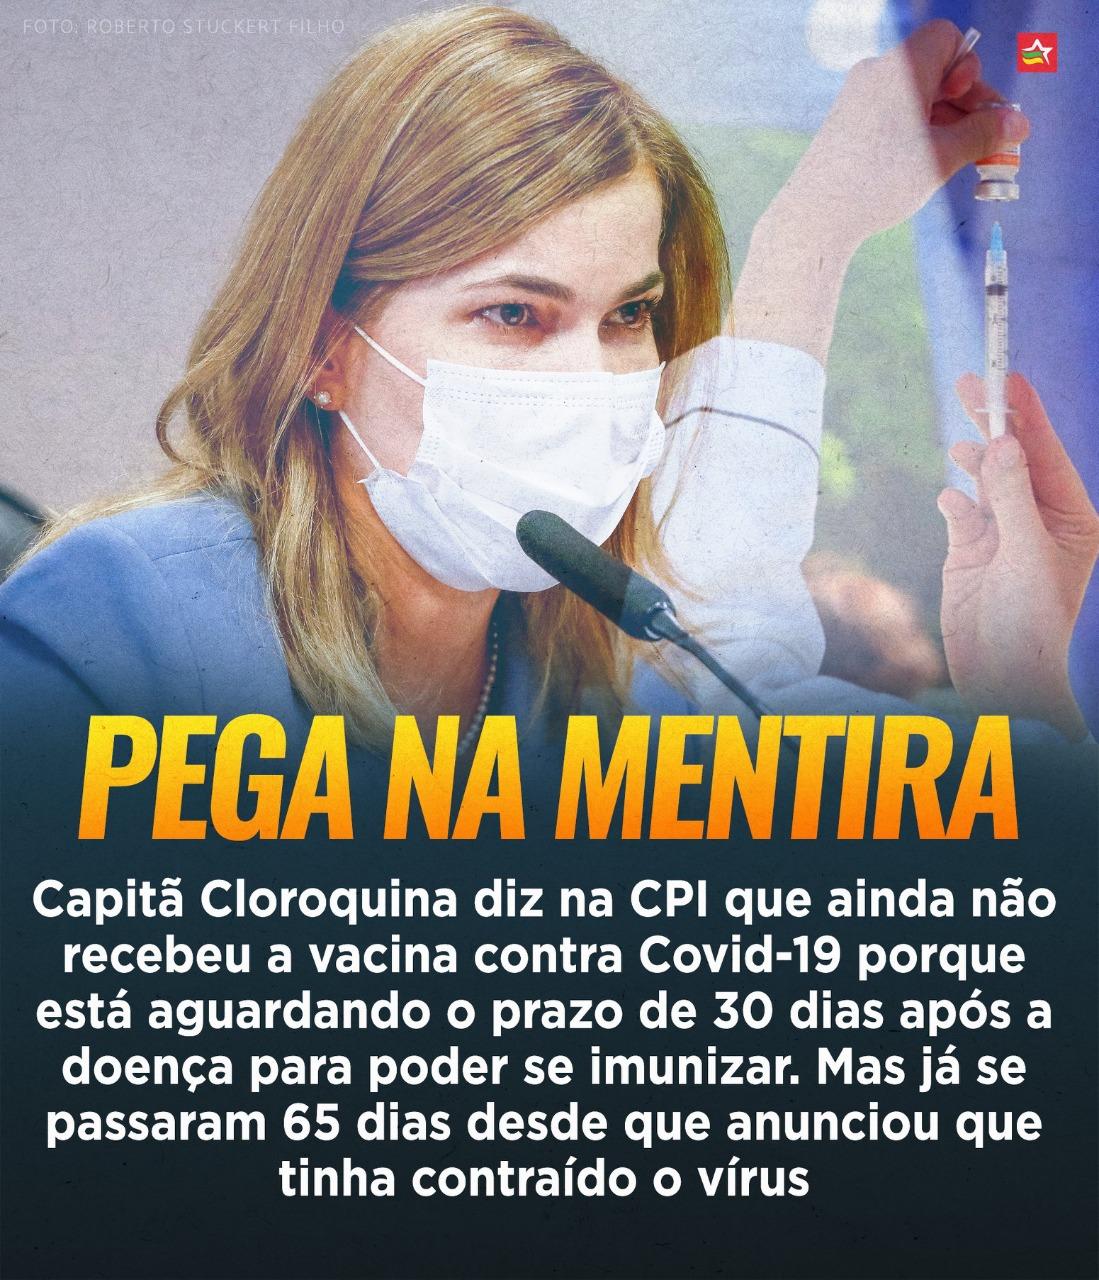 capita_cloroquina